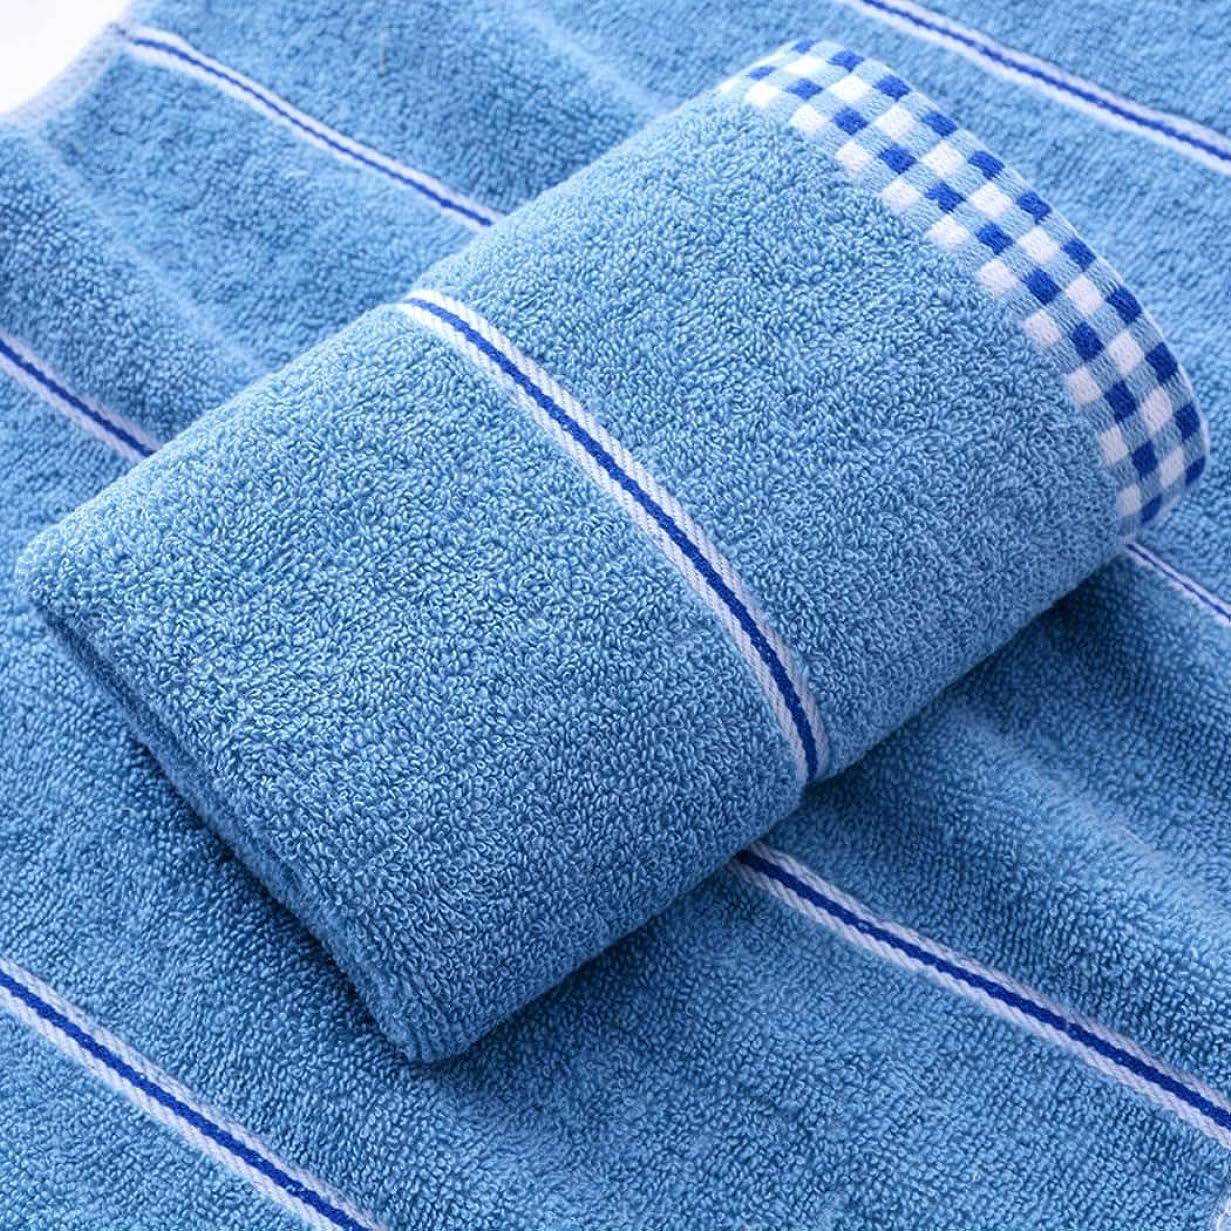 仮称見込みスリラーファッション高級スーパーソフトコットンタオルと速乾性タオル,Blue,33*73cm